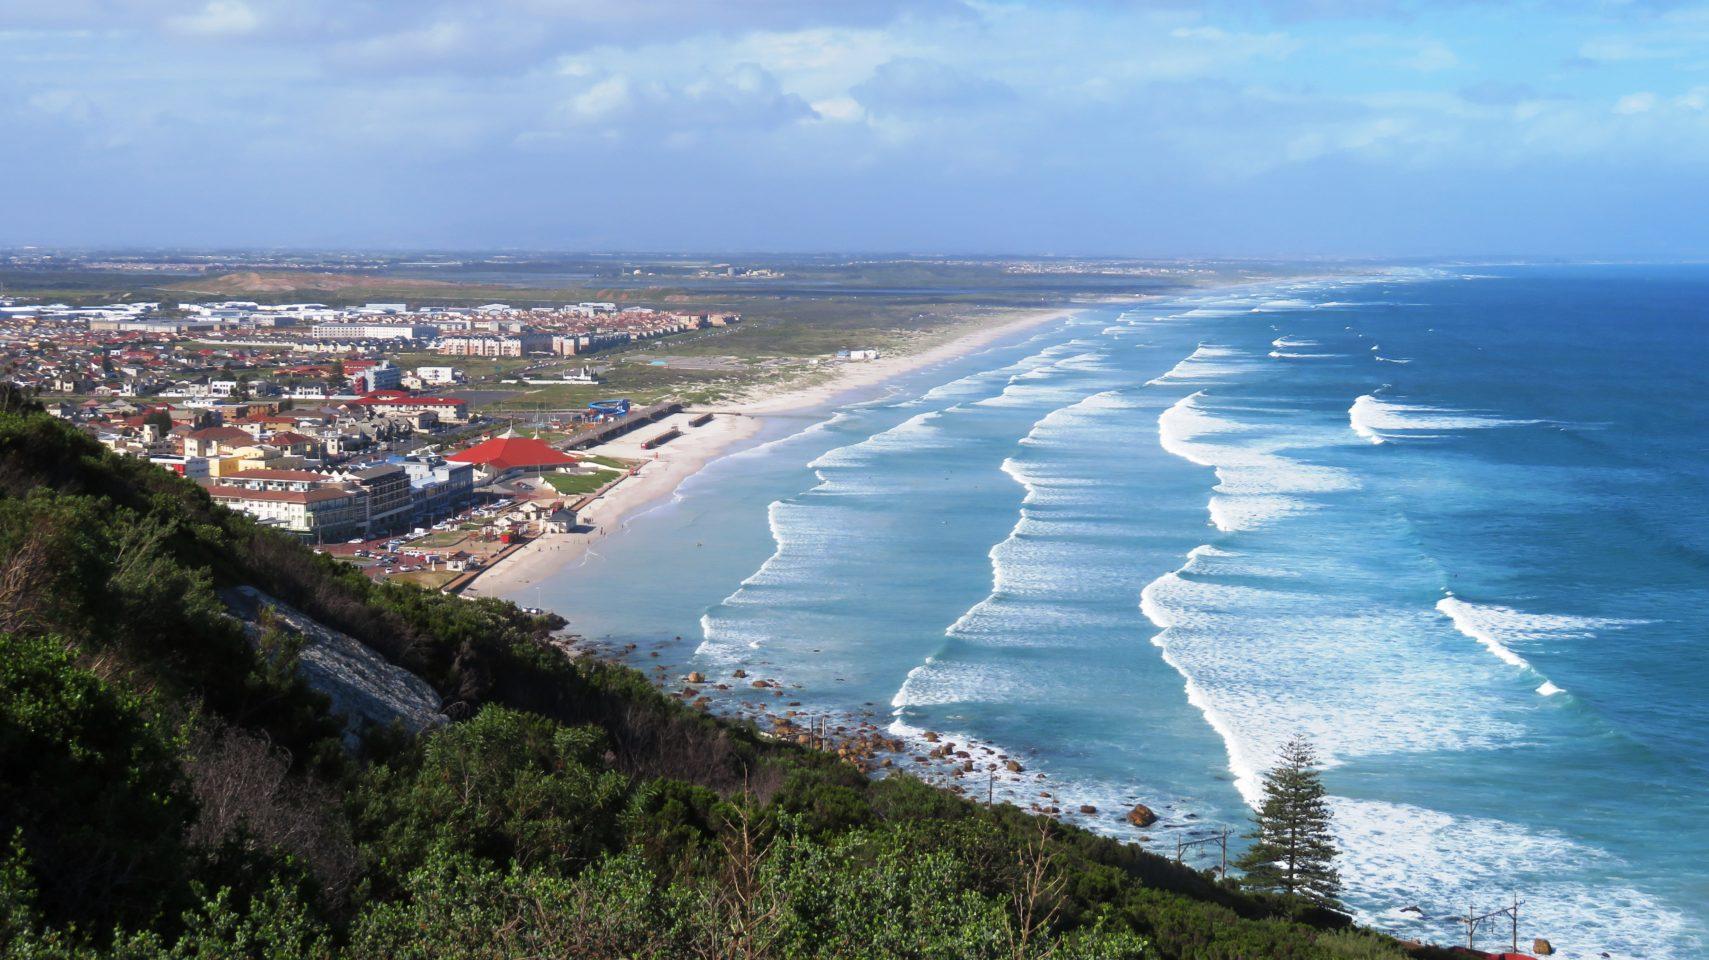 Cape Peninsula in Cape Town, South Africa